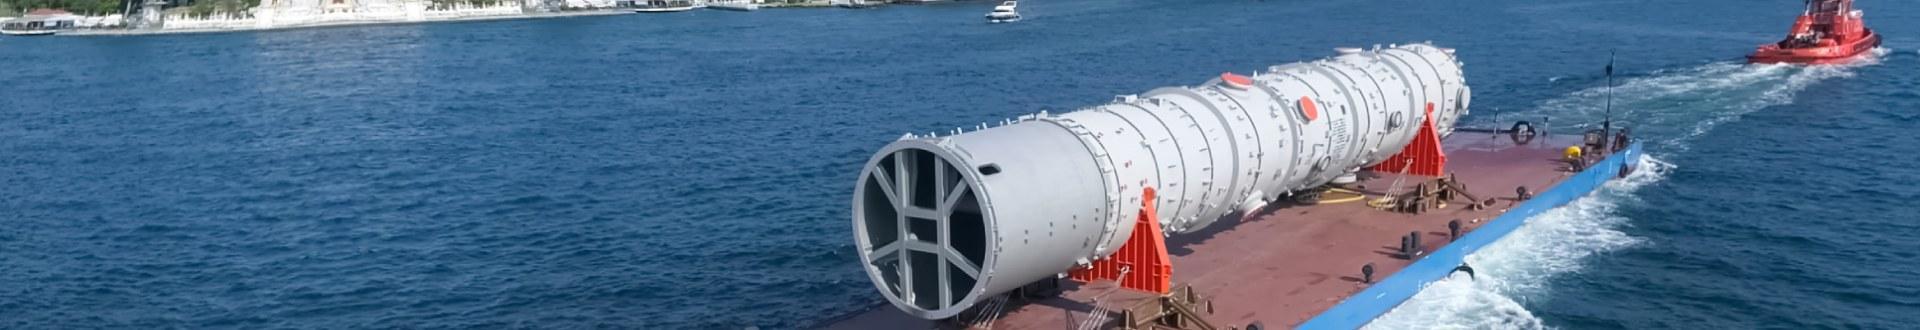 Transportu ładunków ponadgabarytowych na wodzie